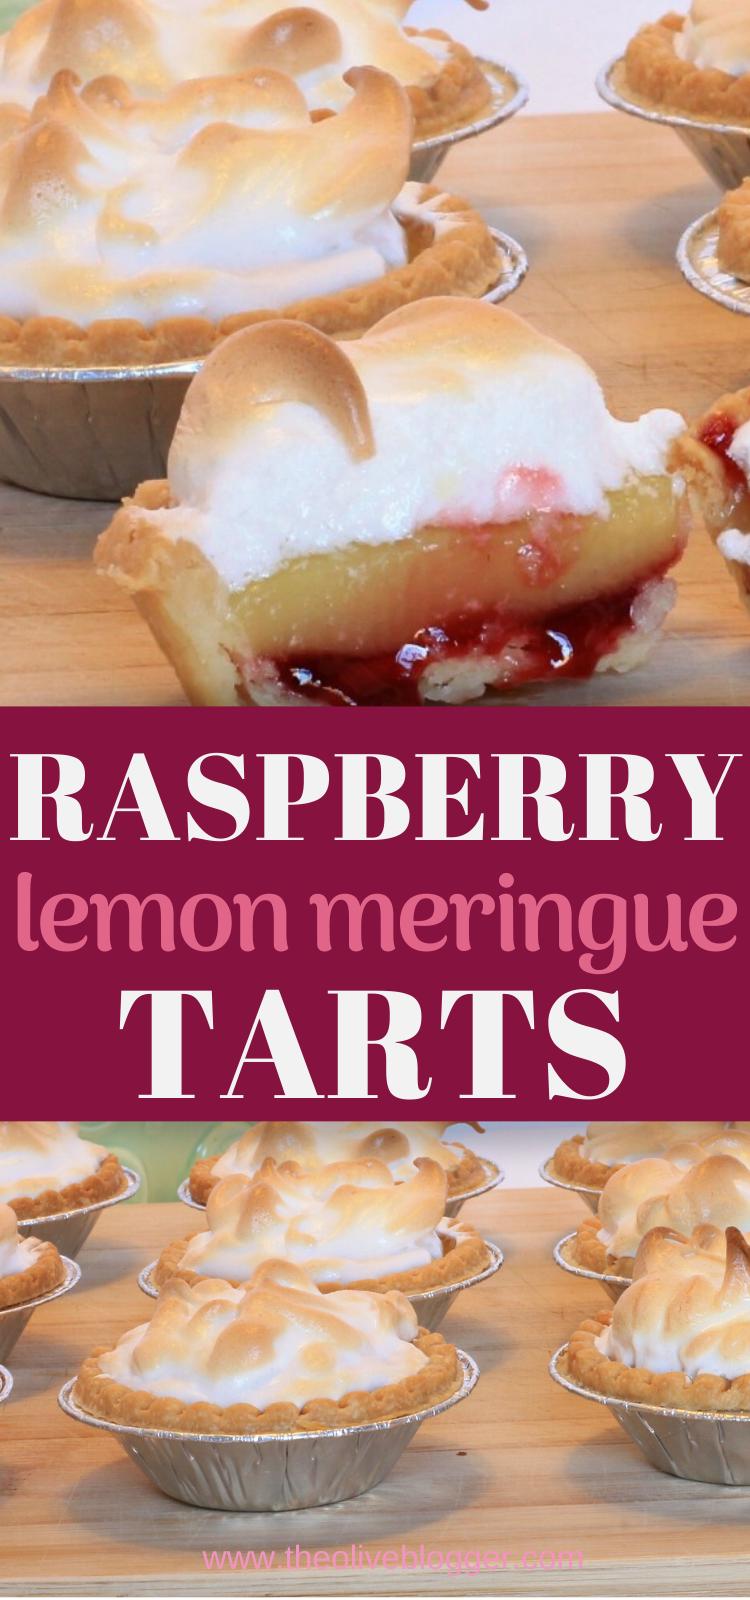 #apple pies #Lemon #lemon pies #Mini #pies recipes #raspberry #tarts #torten #torten dekorieren #torten rezepte